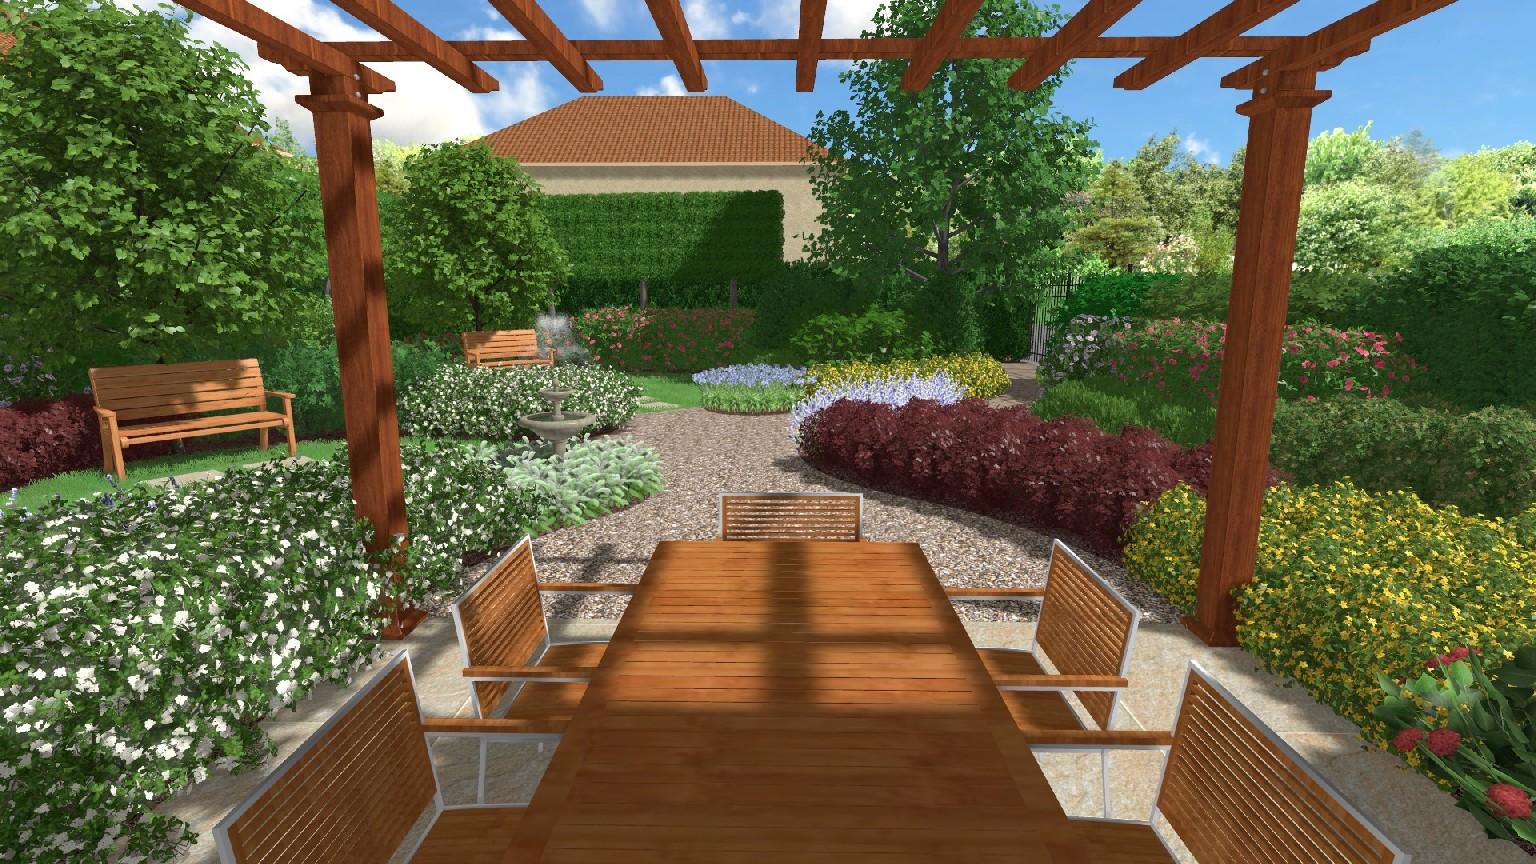 Progettazione giardini verona for Corso progettazione giardini